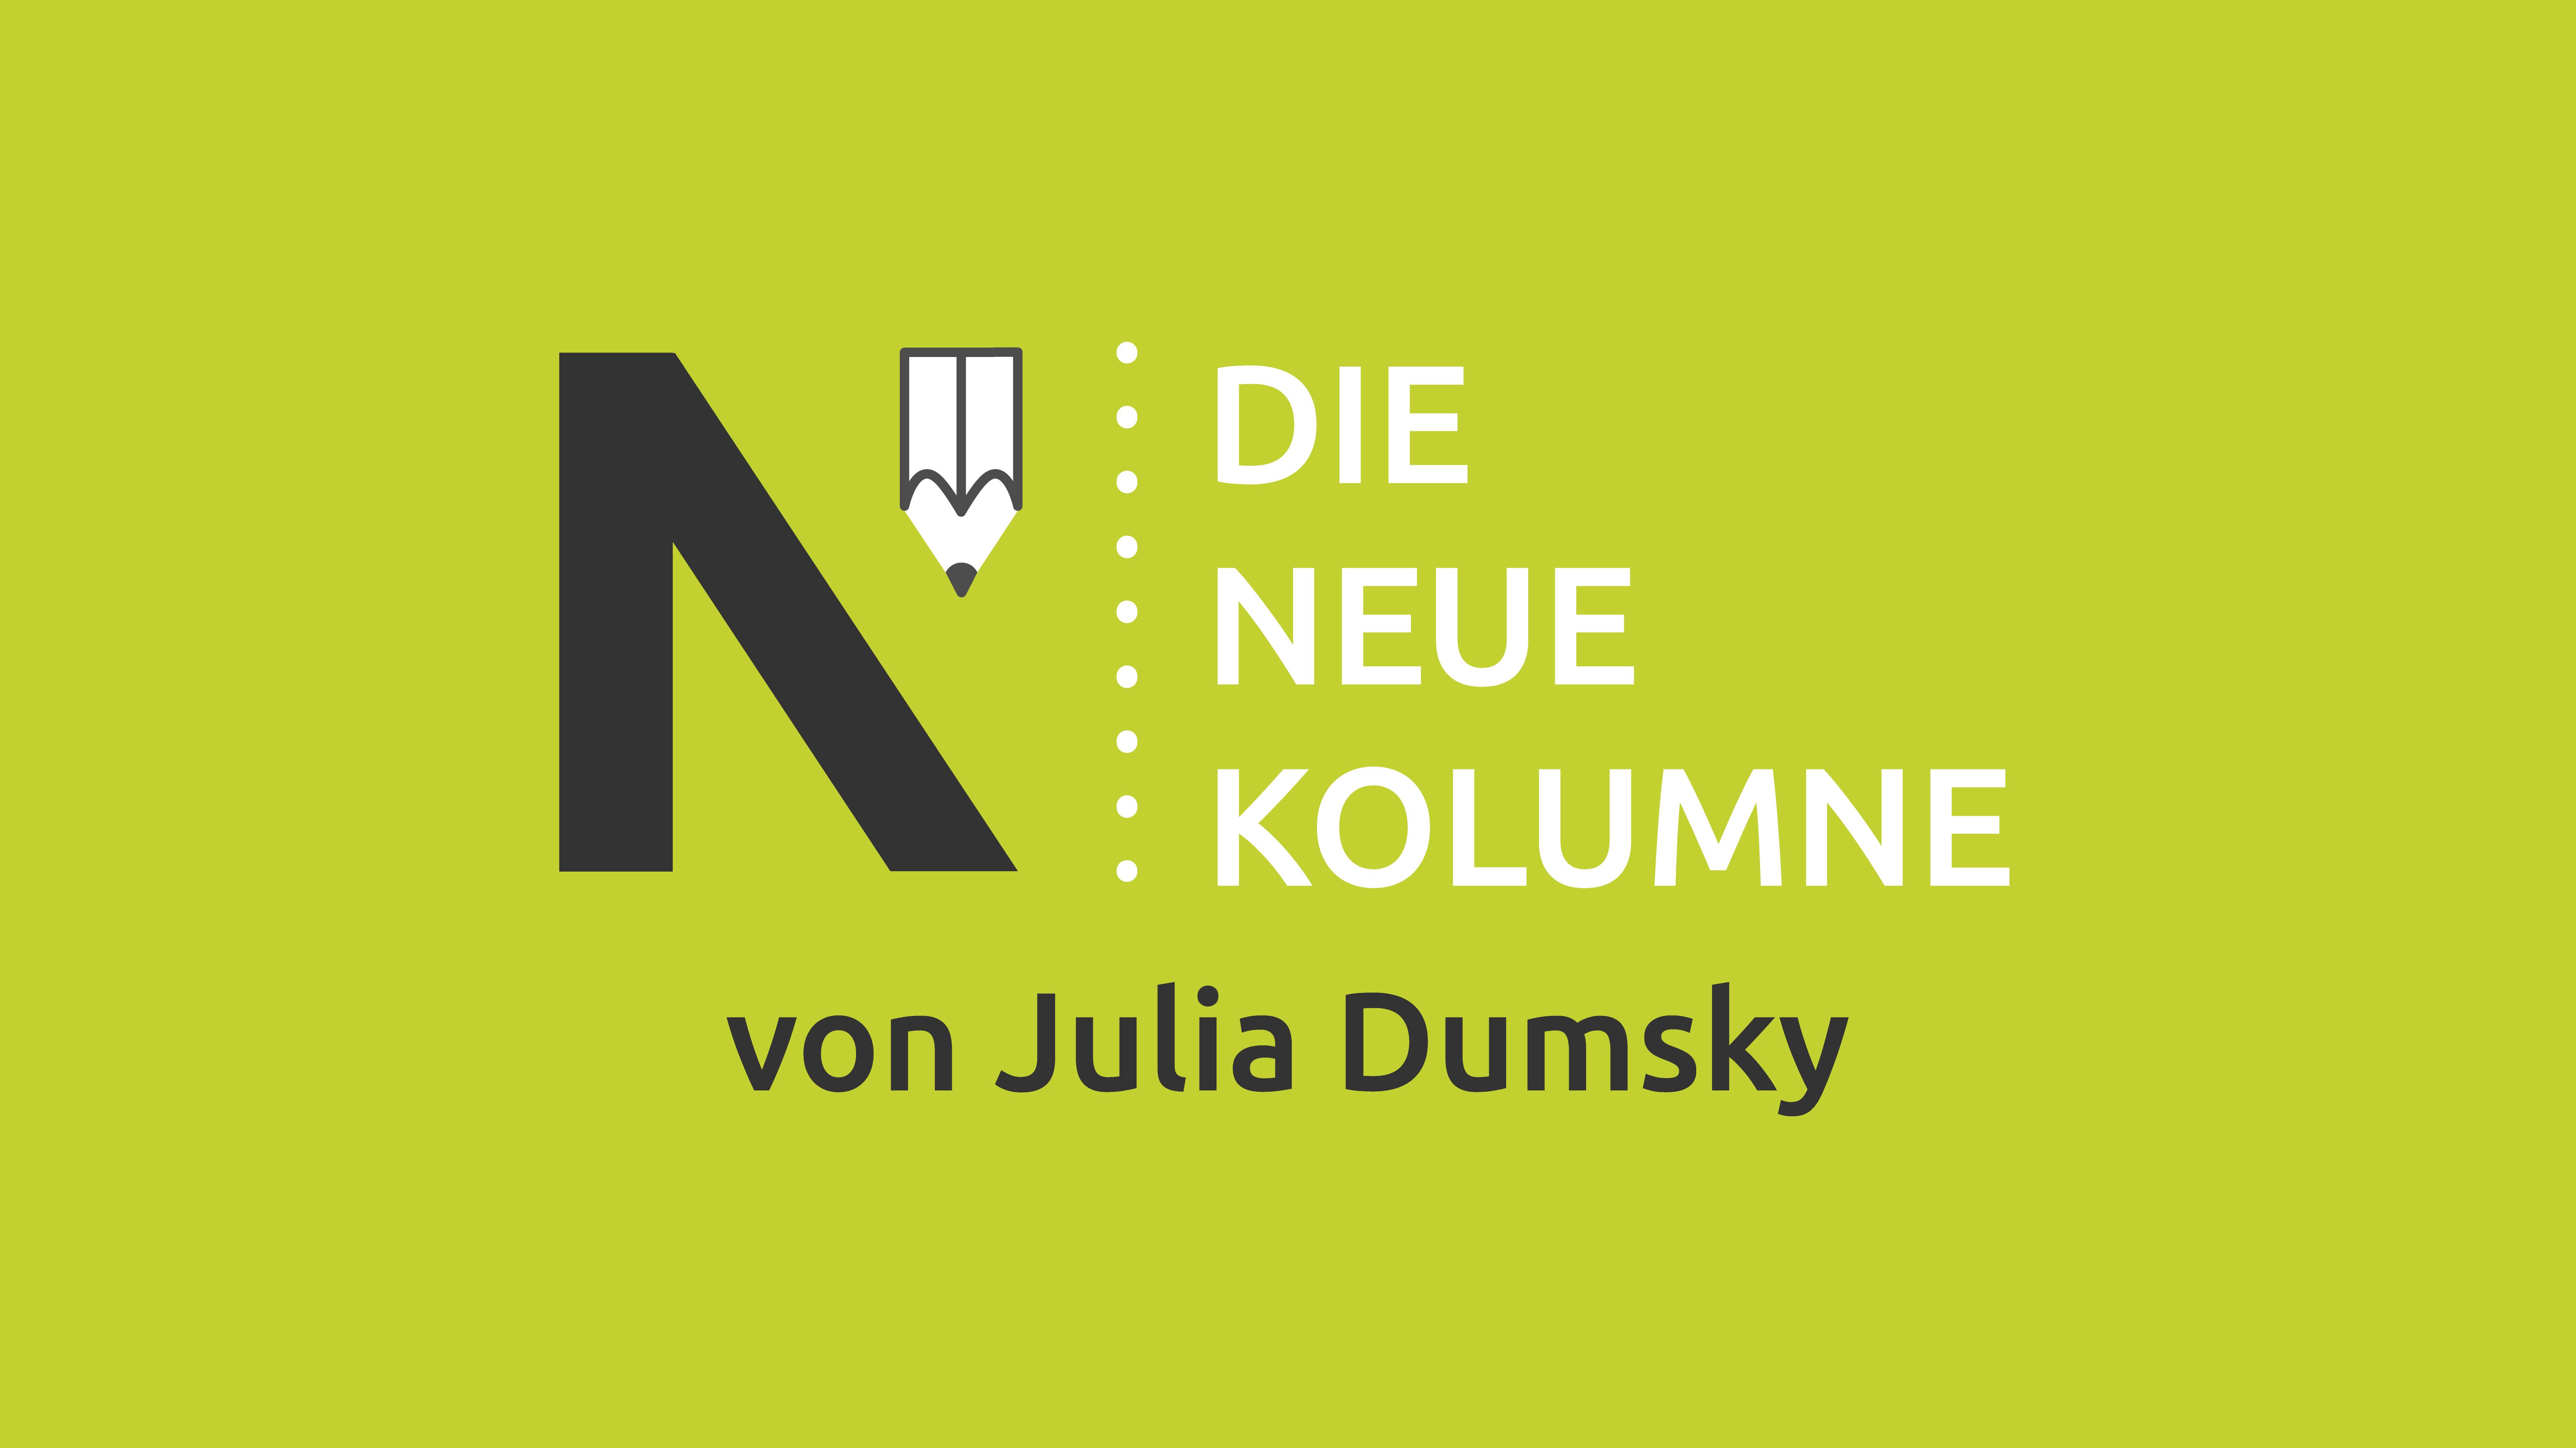 Das Logo von Die Neue Norm auf hellgrünem Grund. Rechts davon steht: Die Neue Kolumne. Unten steht: Julia Dumsky.